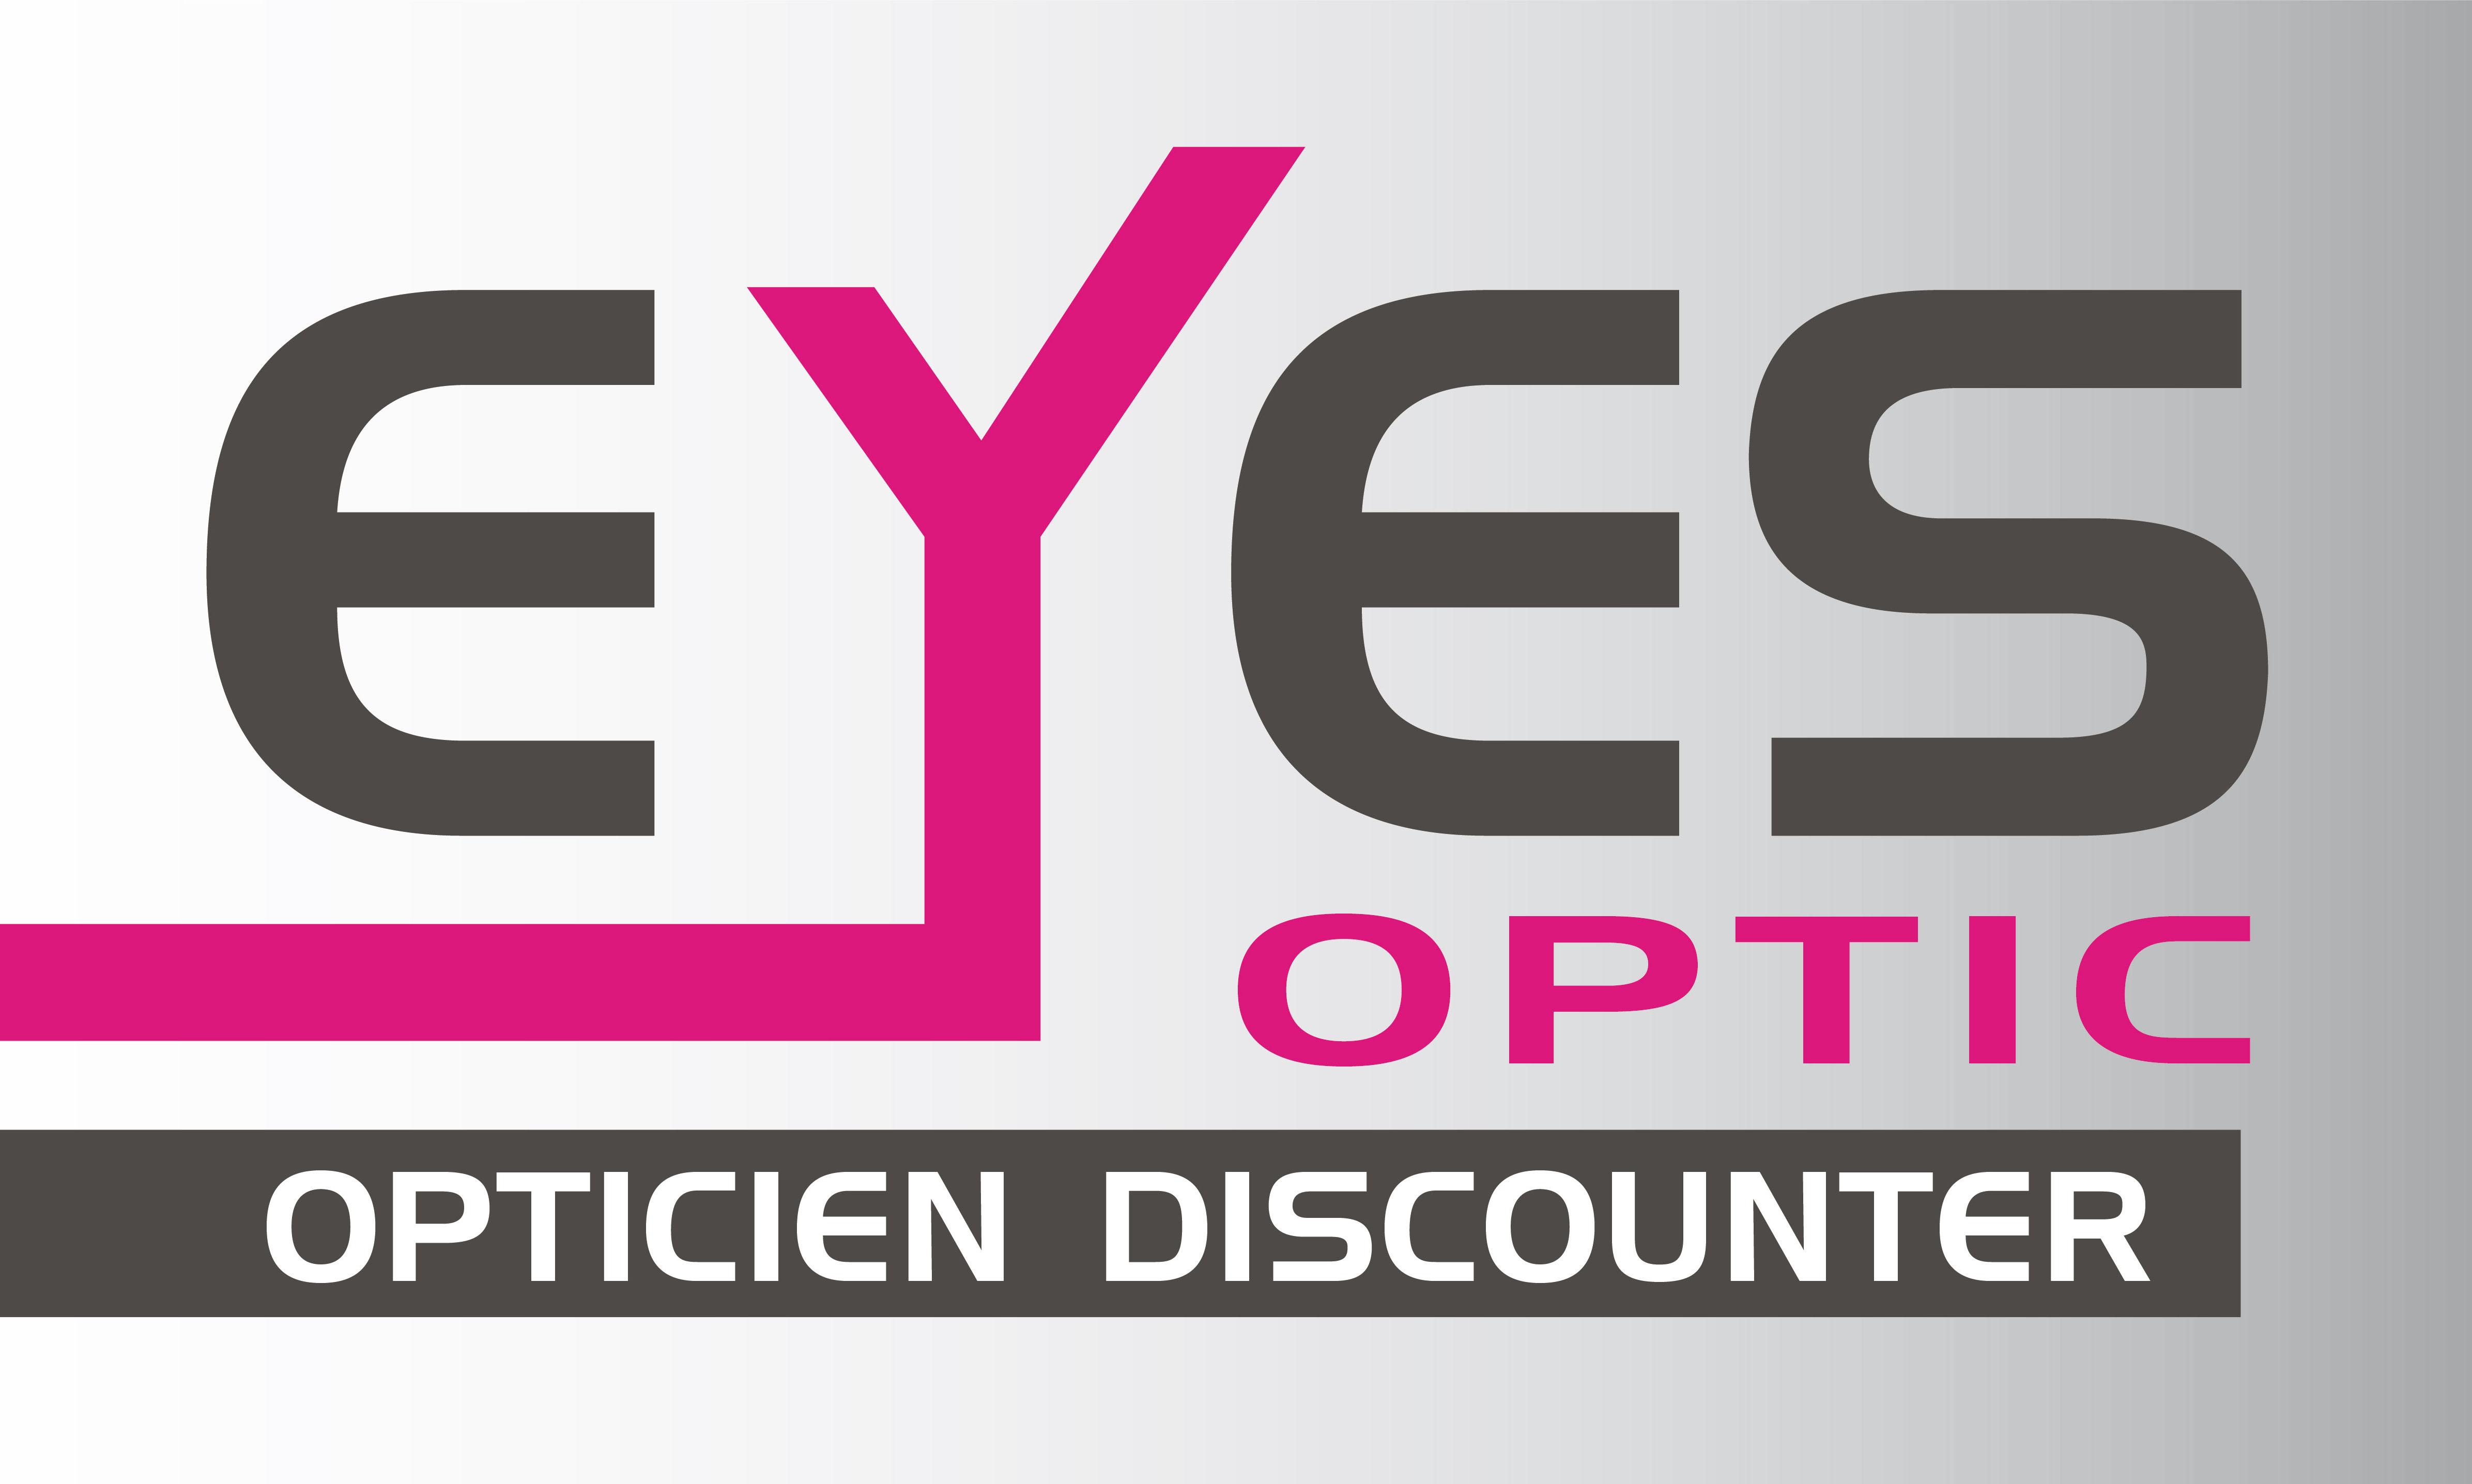 EYES OPTIC opticien